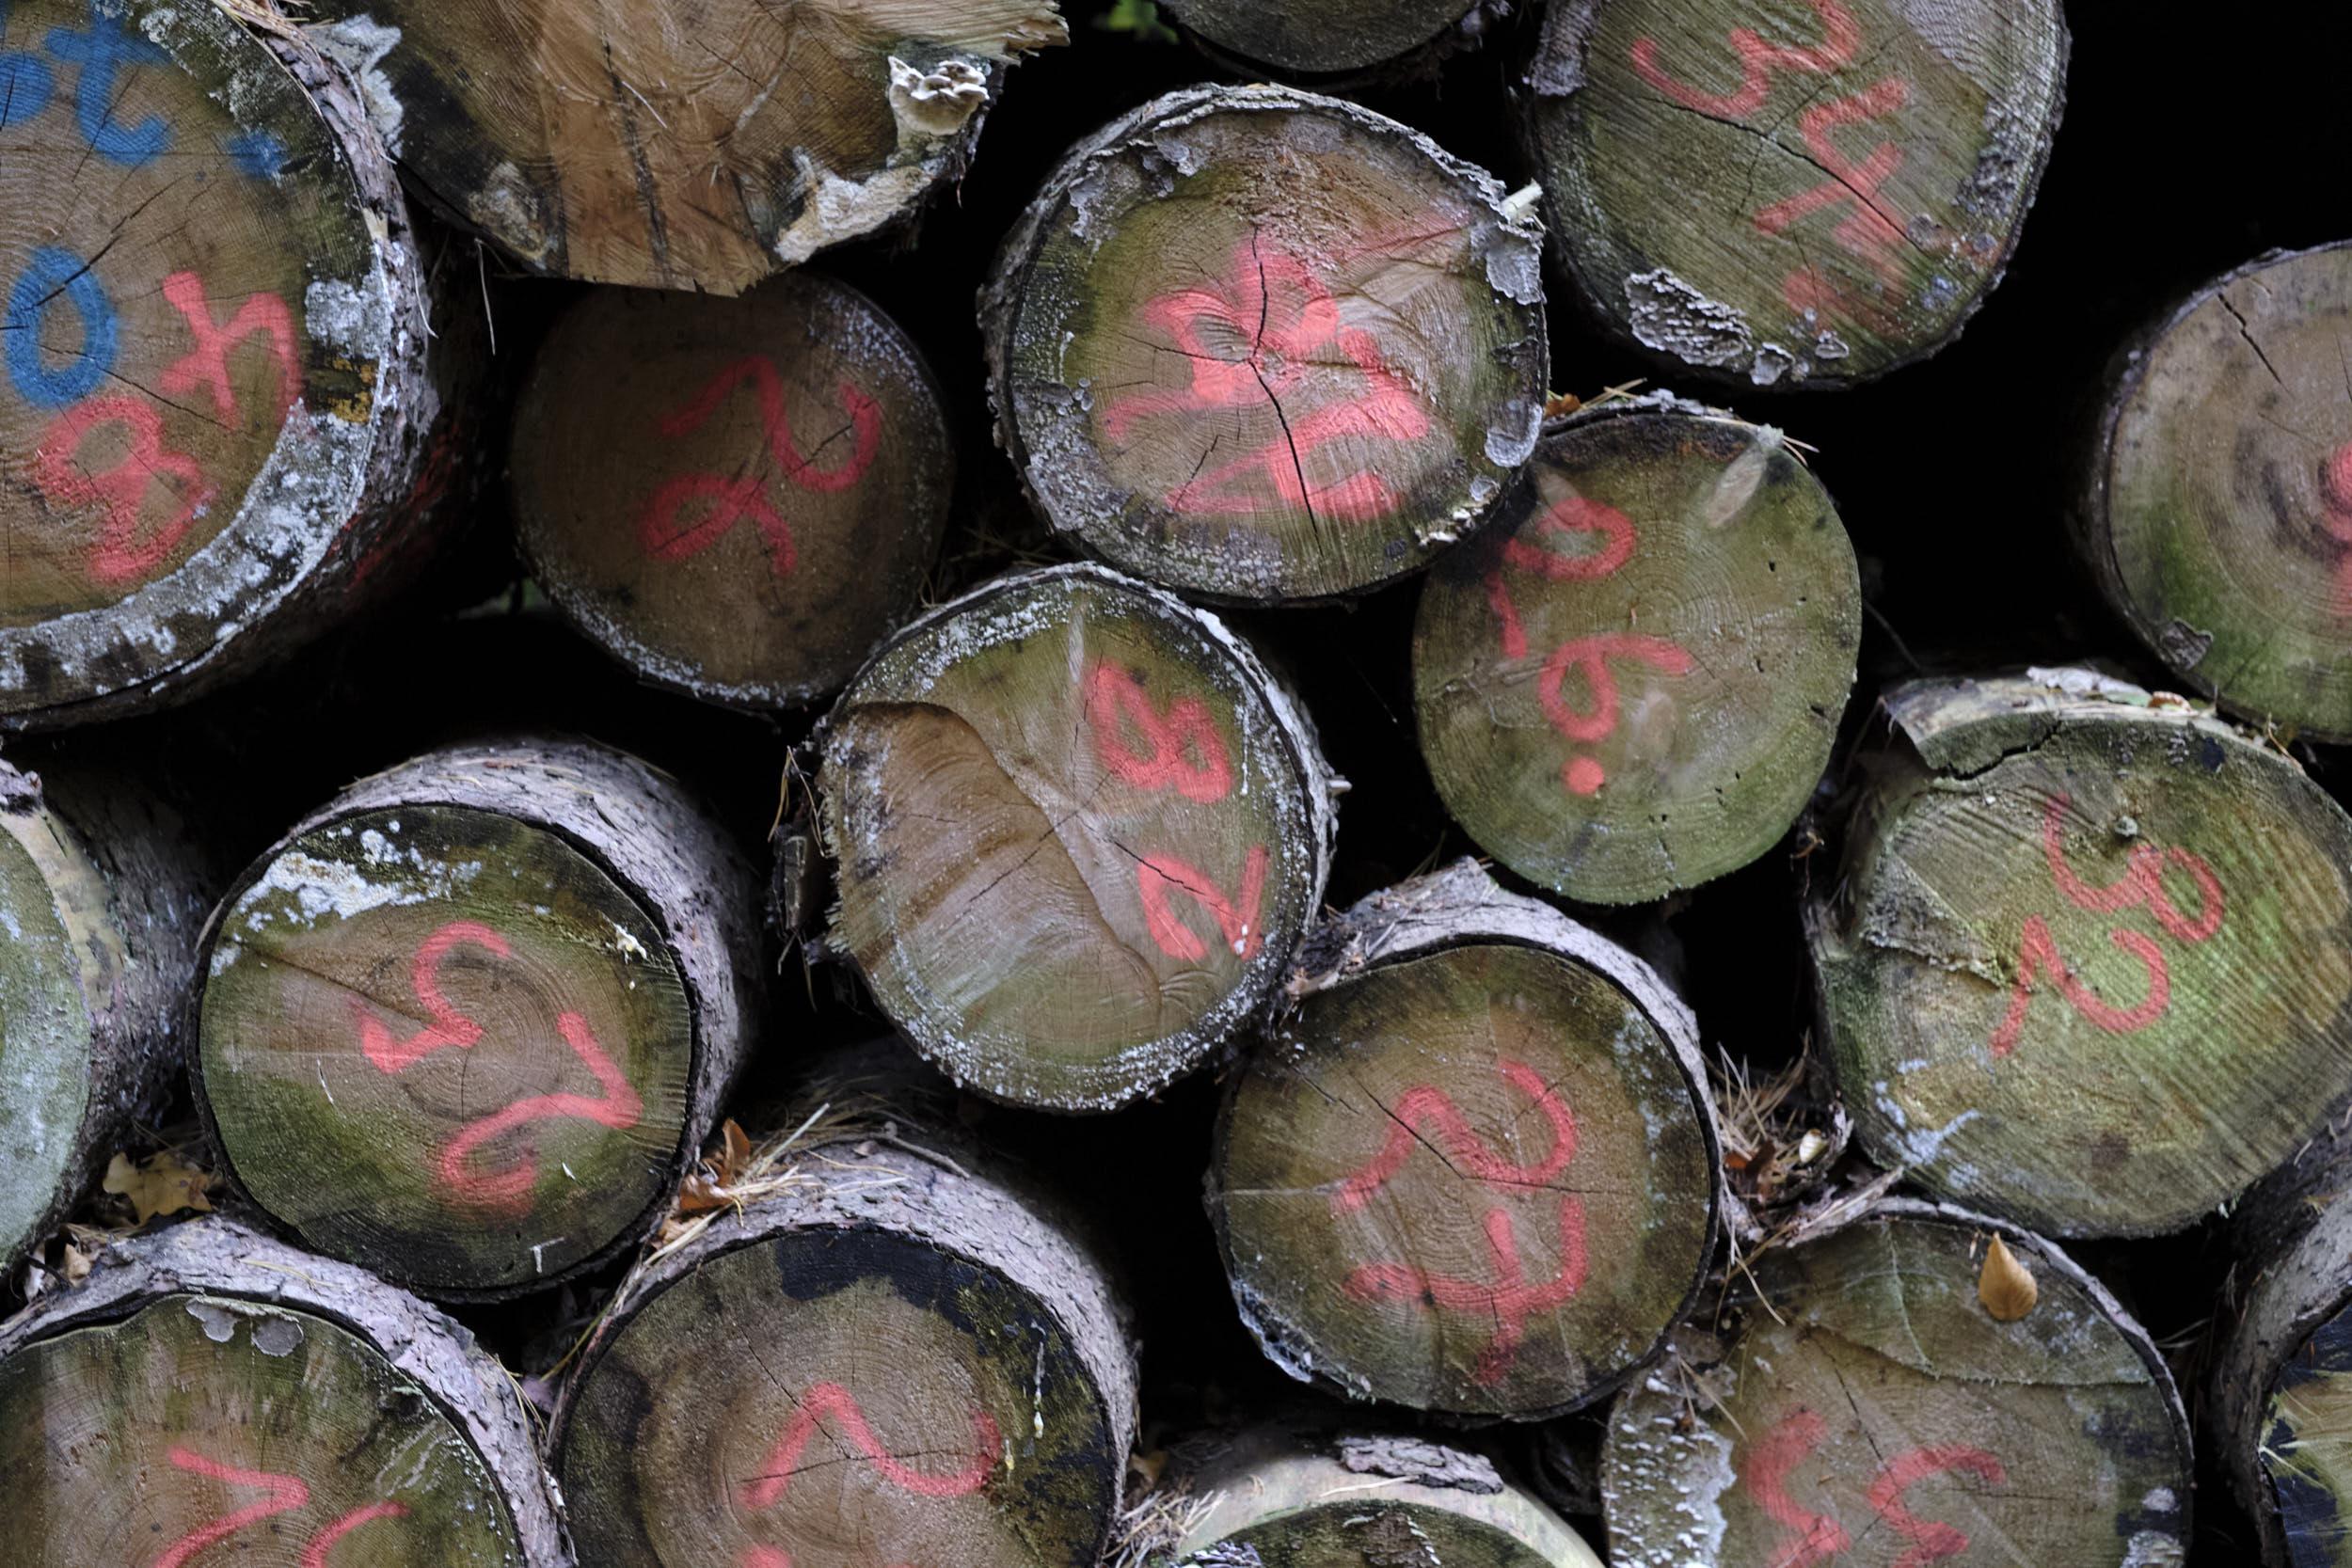 Holzstapel Fuji X-T2 Laowa 65mm F/2.8 2x Ultra Macro APO